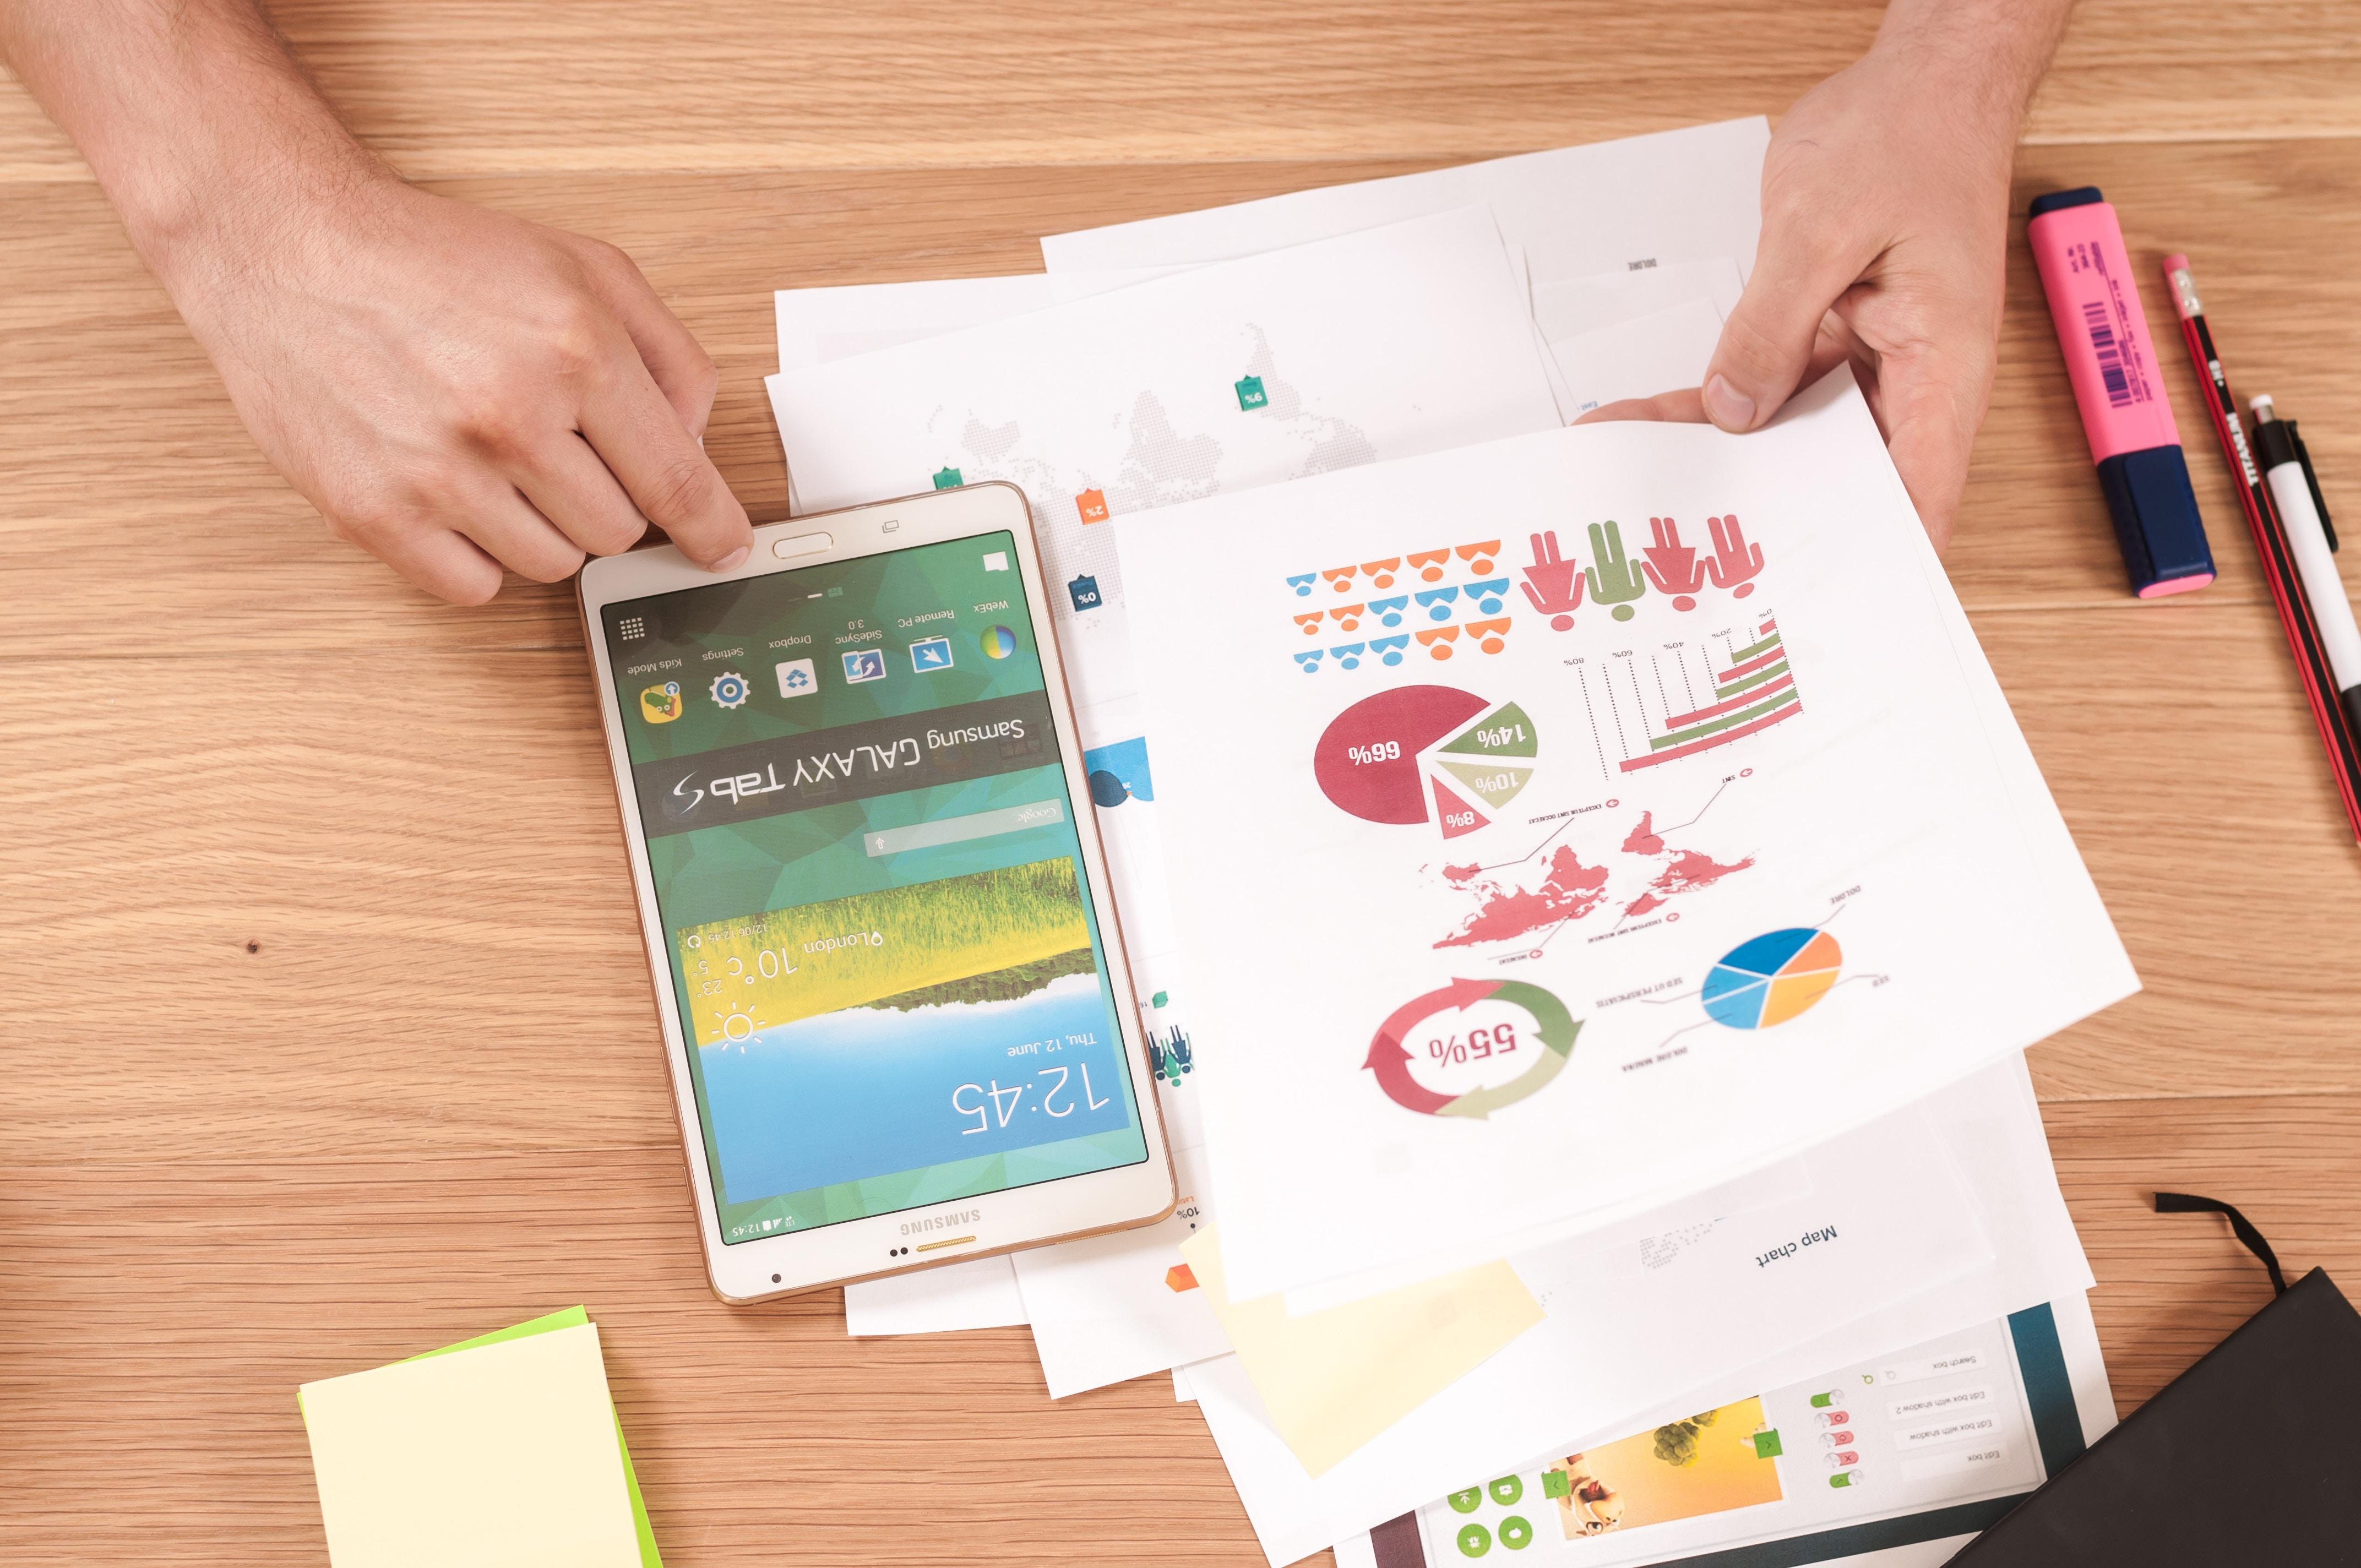 Using Social Media for Business